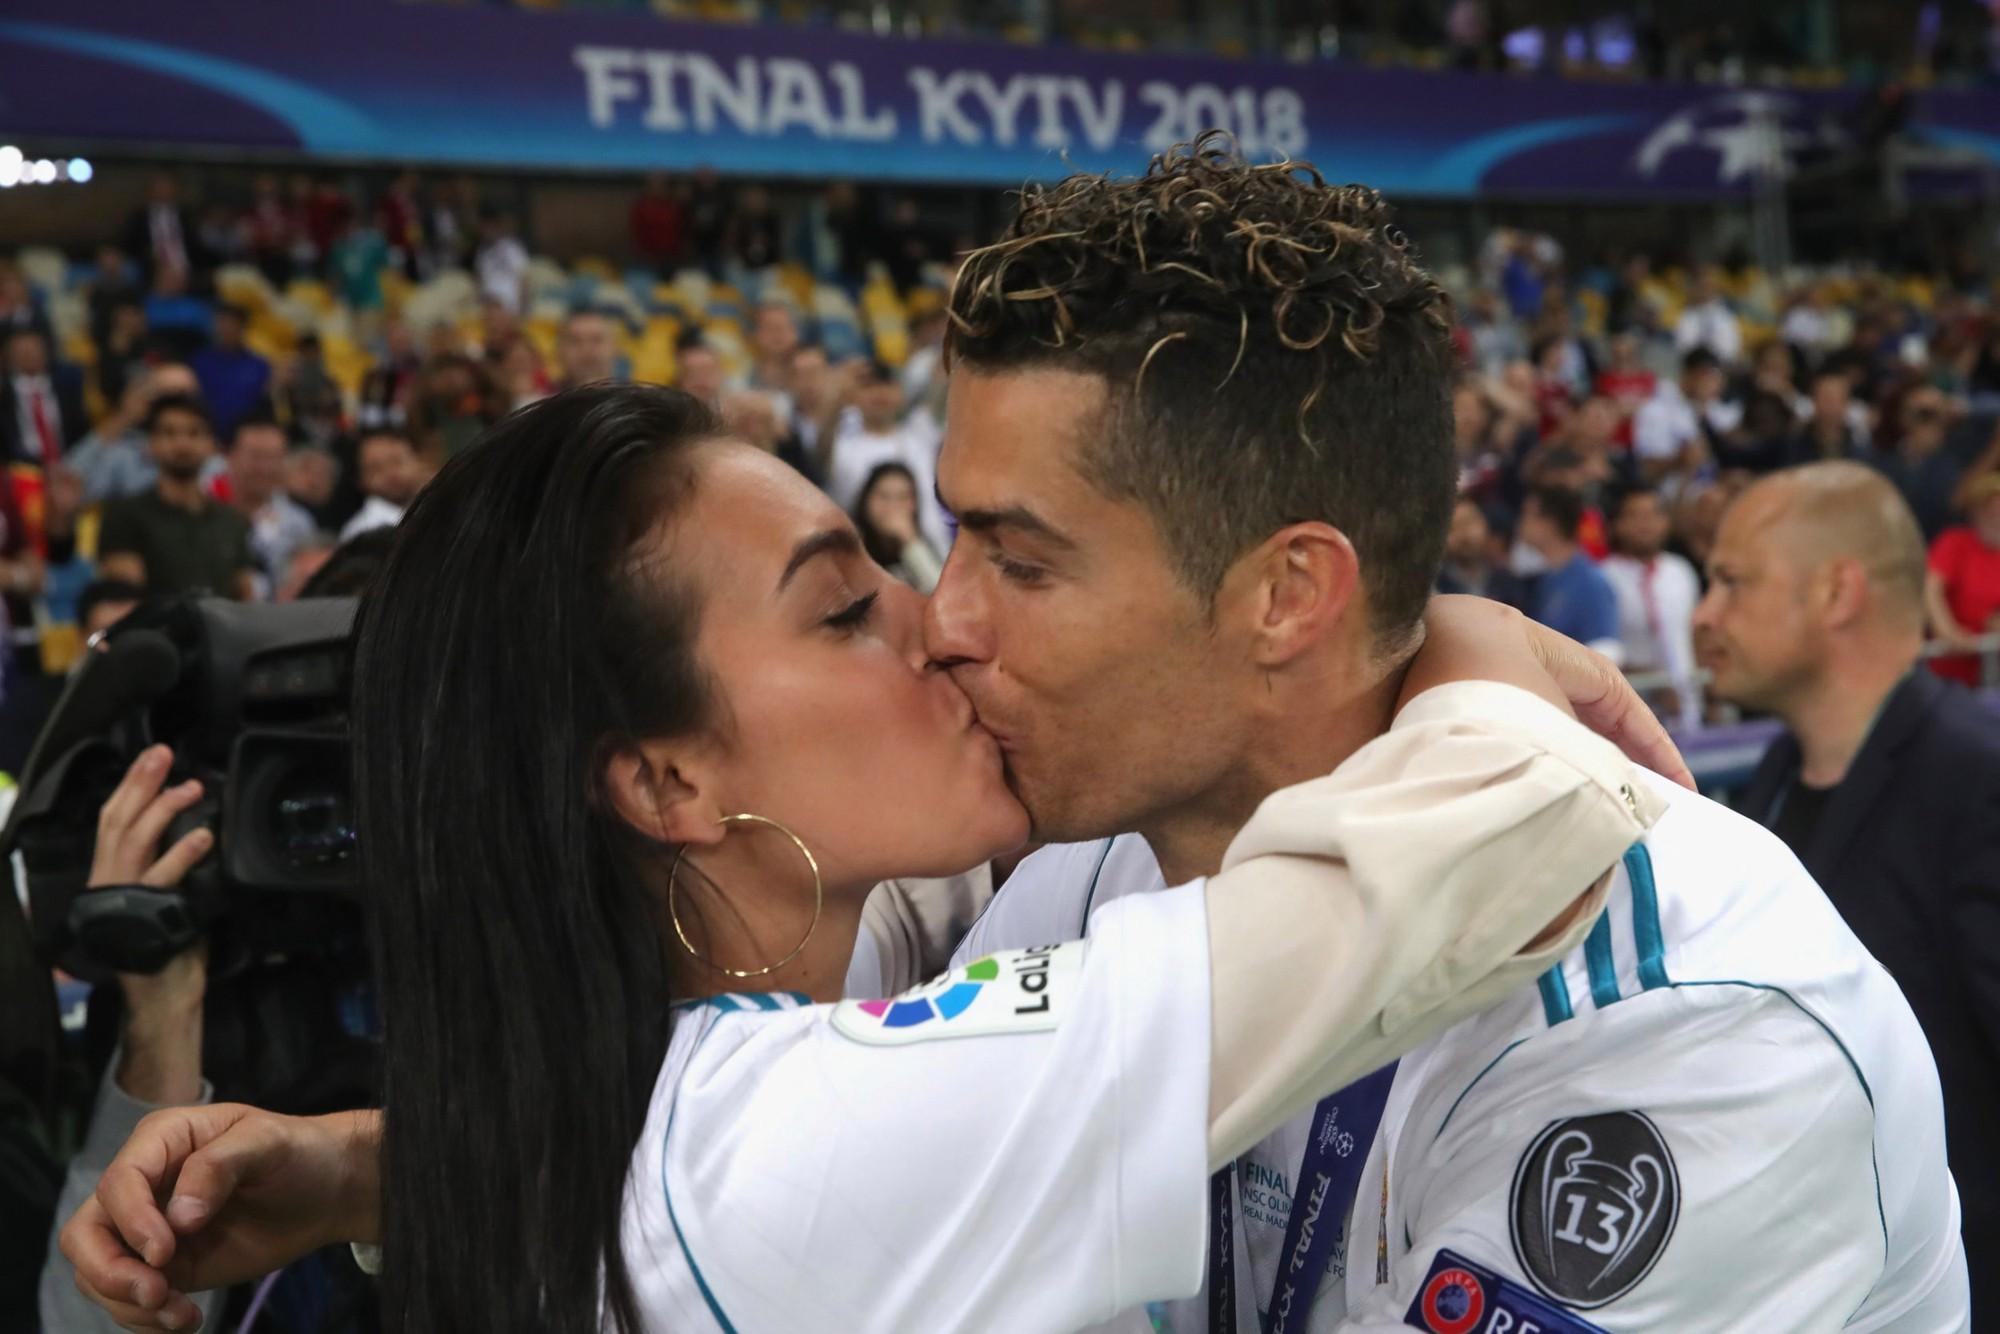 Cô gái vàng trong làng lọ lem đời thực: Mẫu 9x chiếm trọn trái tim, khối tài sản nửa tỷ đô của tay sát gái Ronaldo - Ảnh 13.